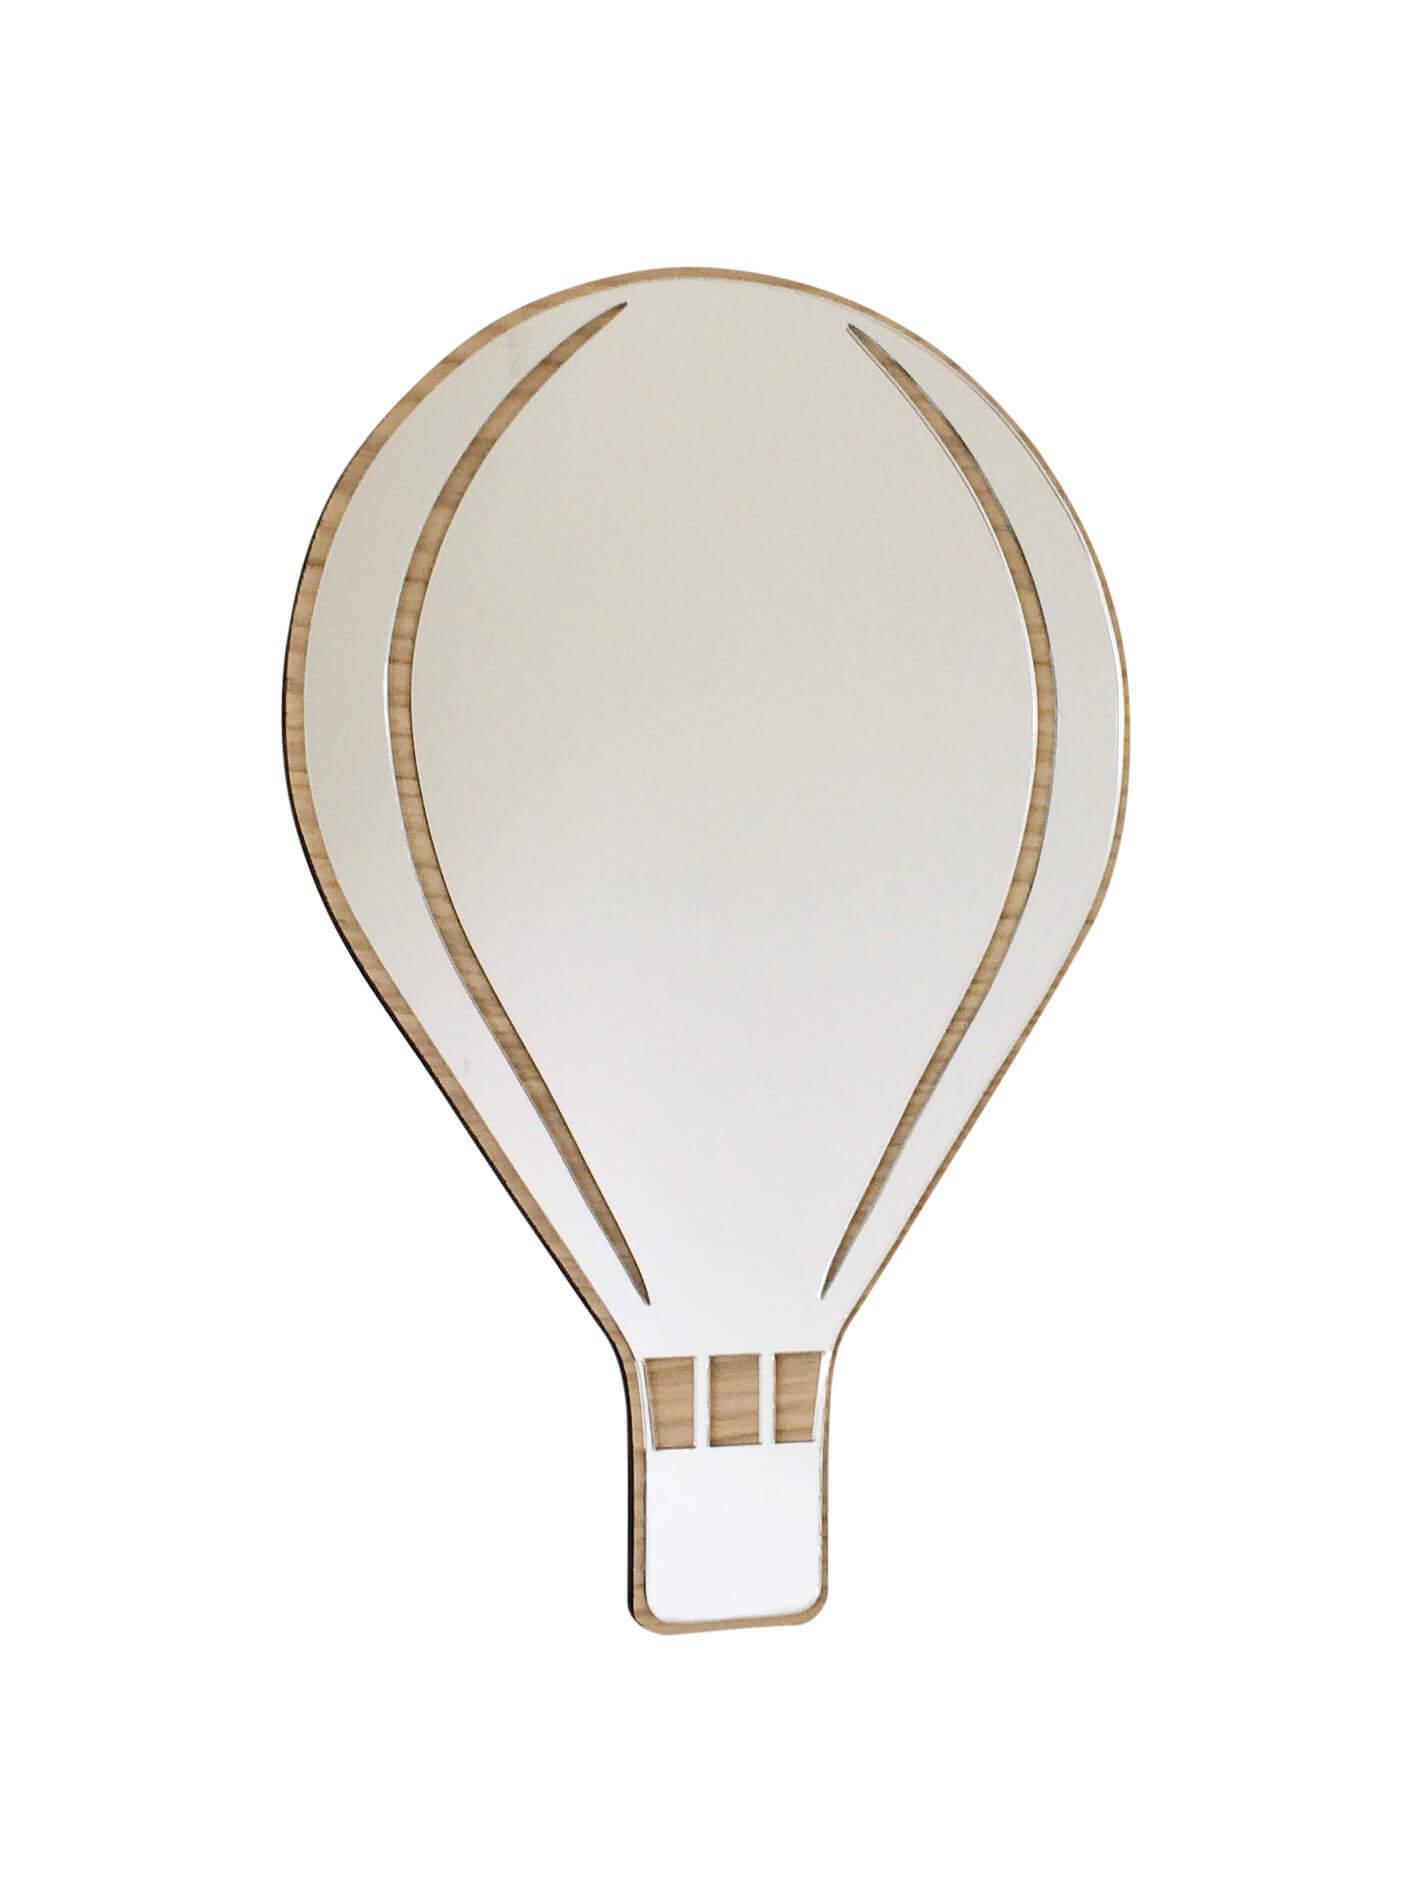 Maseliving – Maseliving - luftballon spejl, 9 stk. på lager på pixizoo